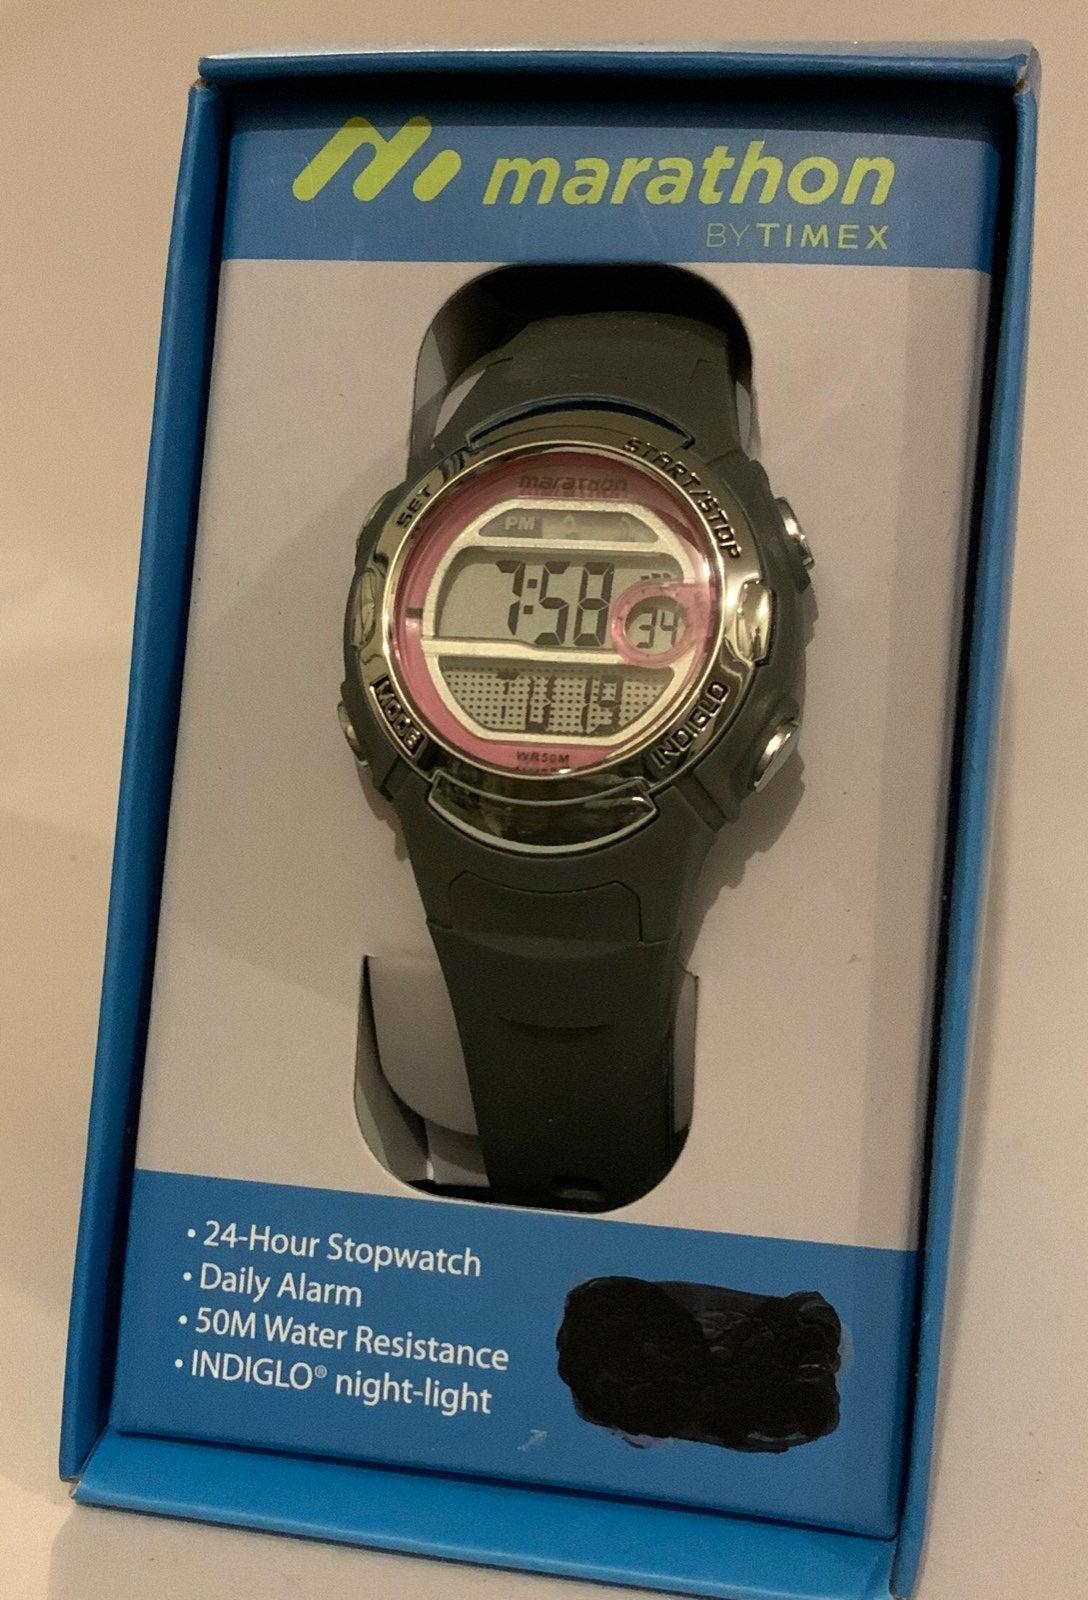 Marathon by Timex watch